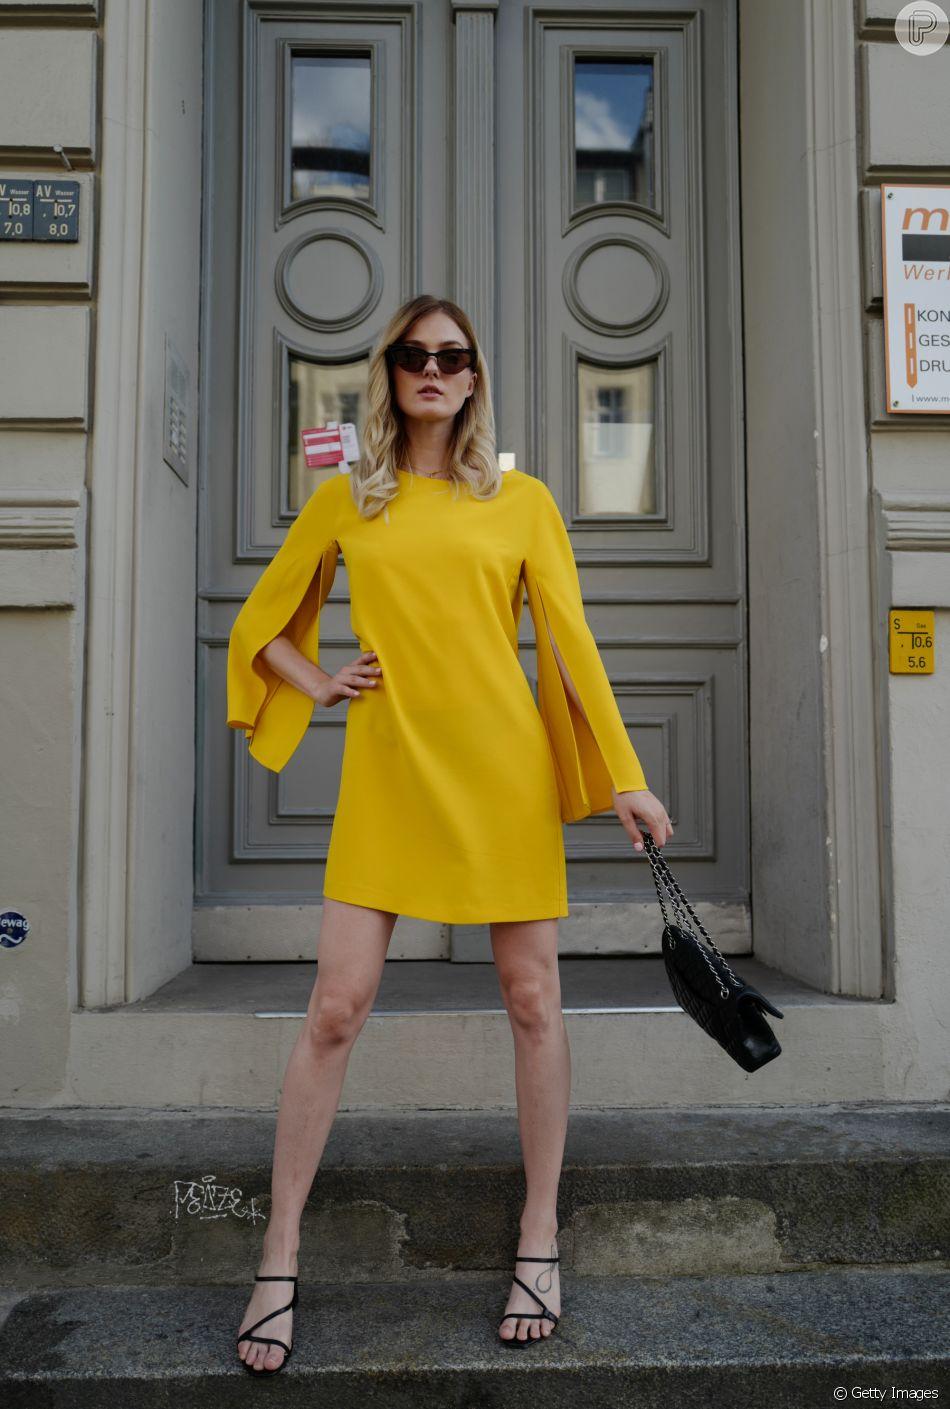 Vestido de festa: o expert aconselha apostar na cor amarela para um visual superchique, especialmente para quem tem cabelo loiro